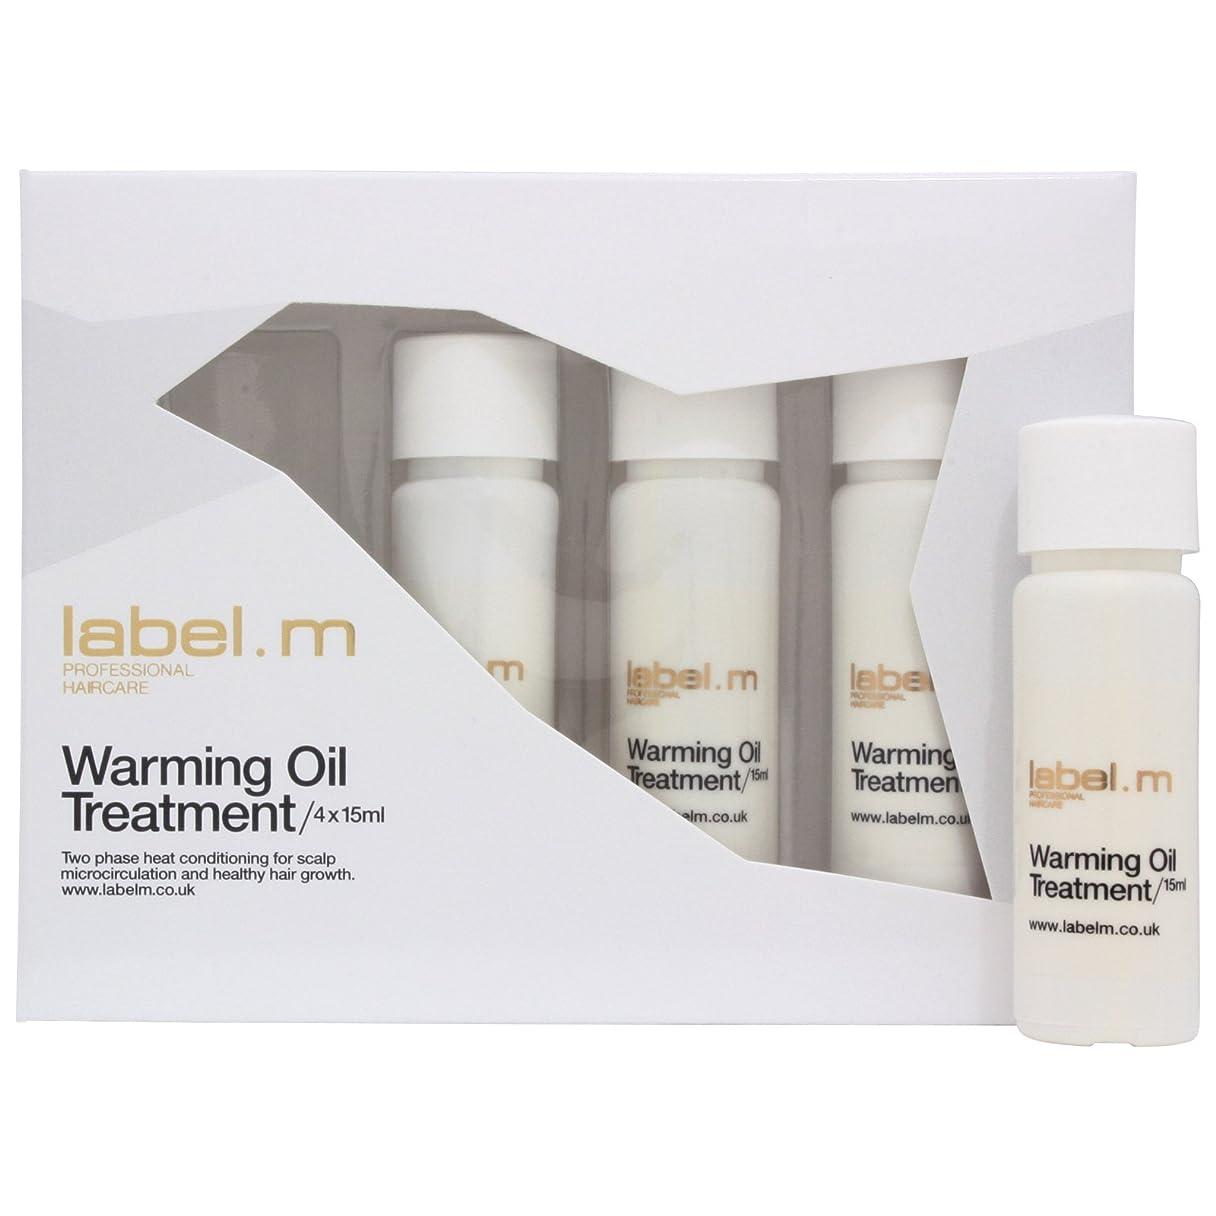 あなたのもの熟練した花束Label.M Professional Haircare ラベル。 M温暖化オイルトリートメント - 4×0.50オンス 0.5オンス